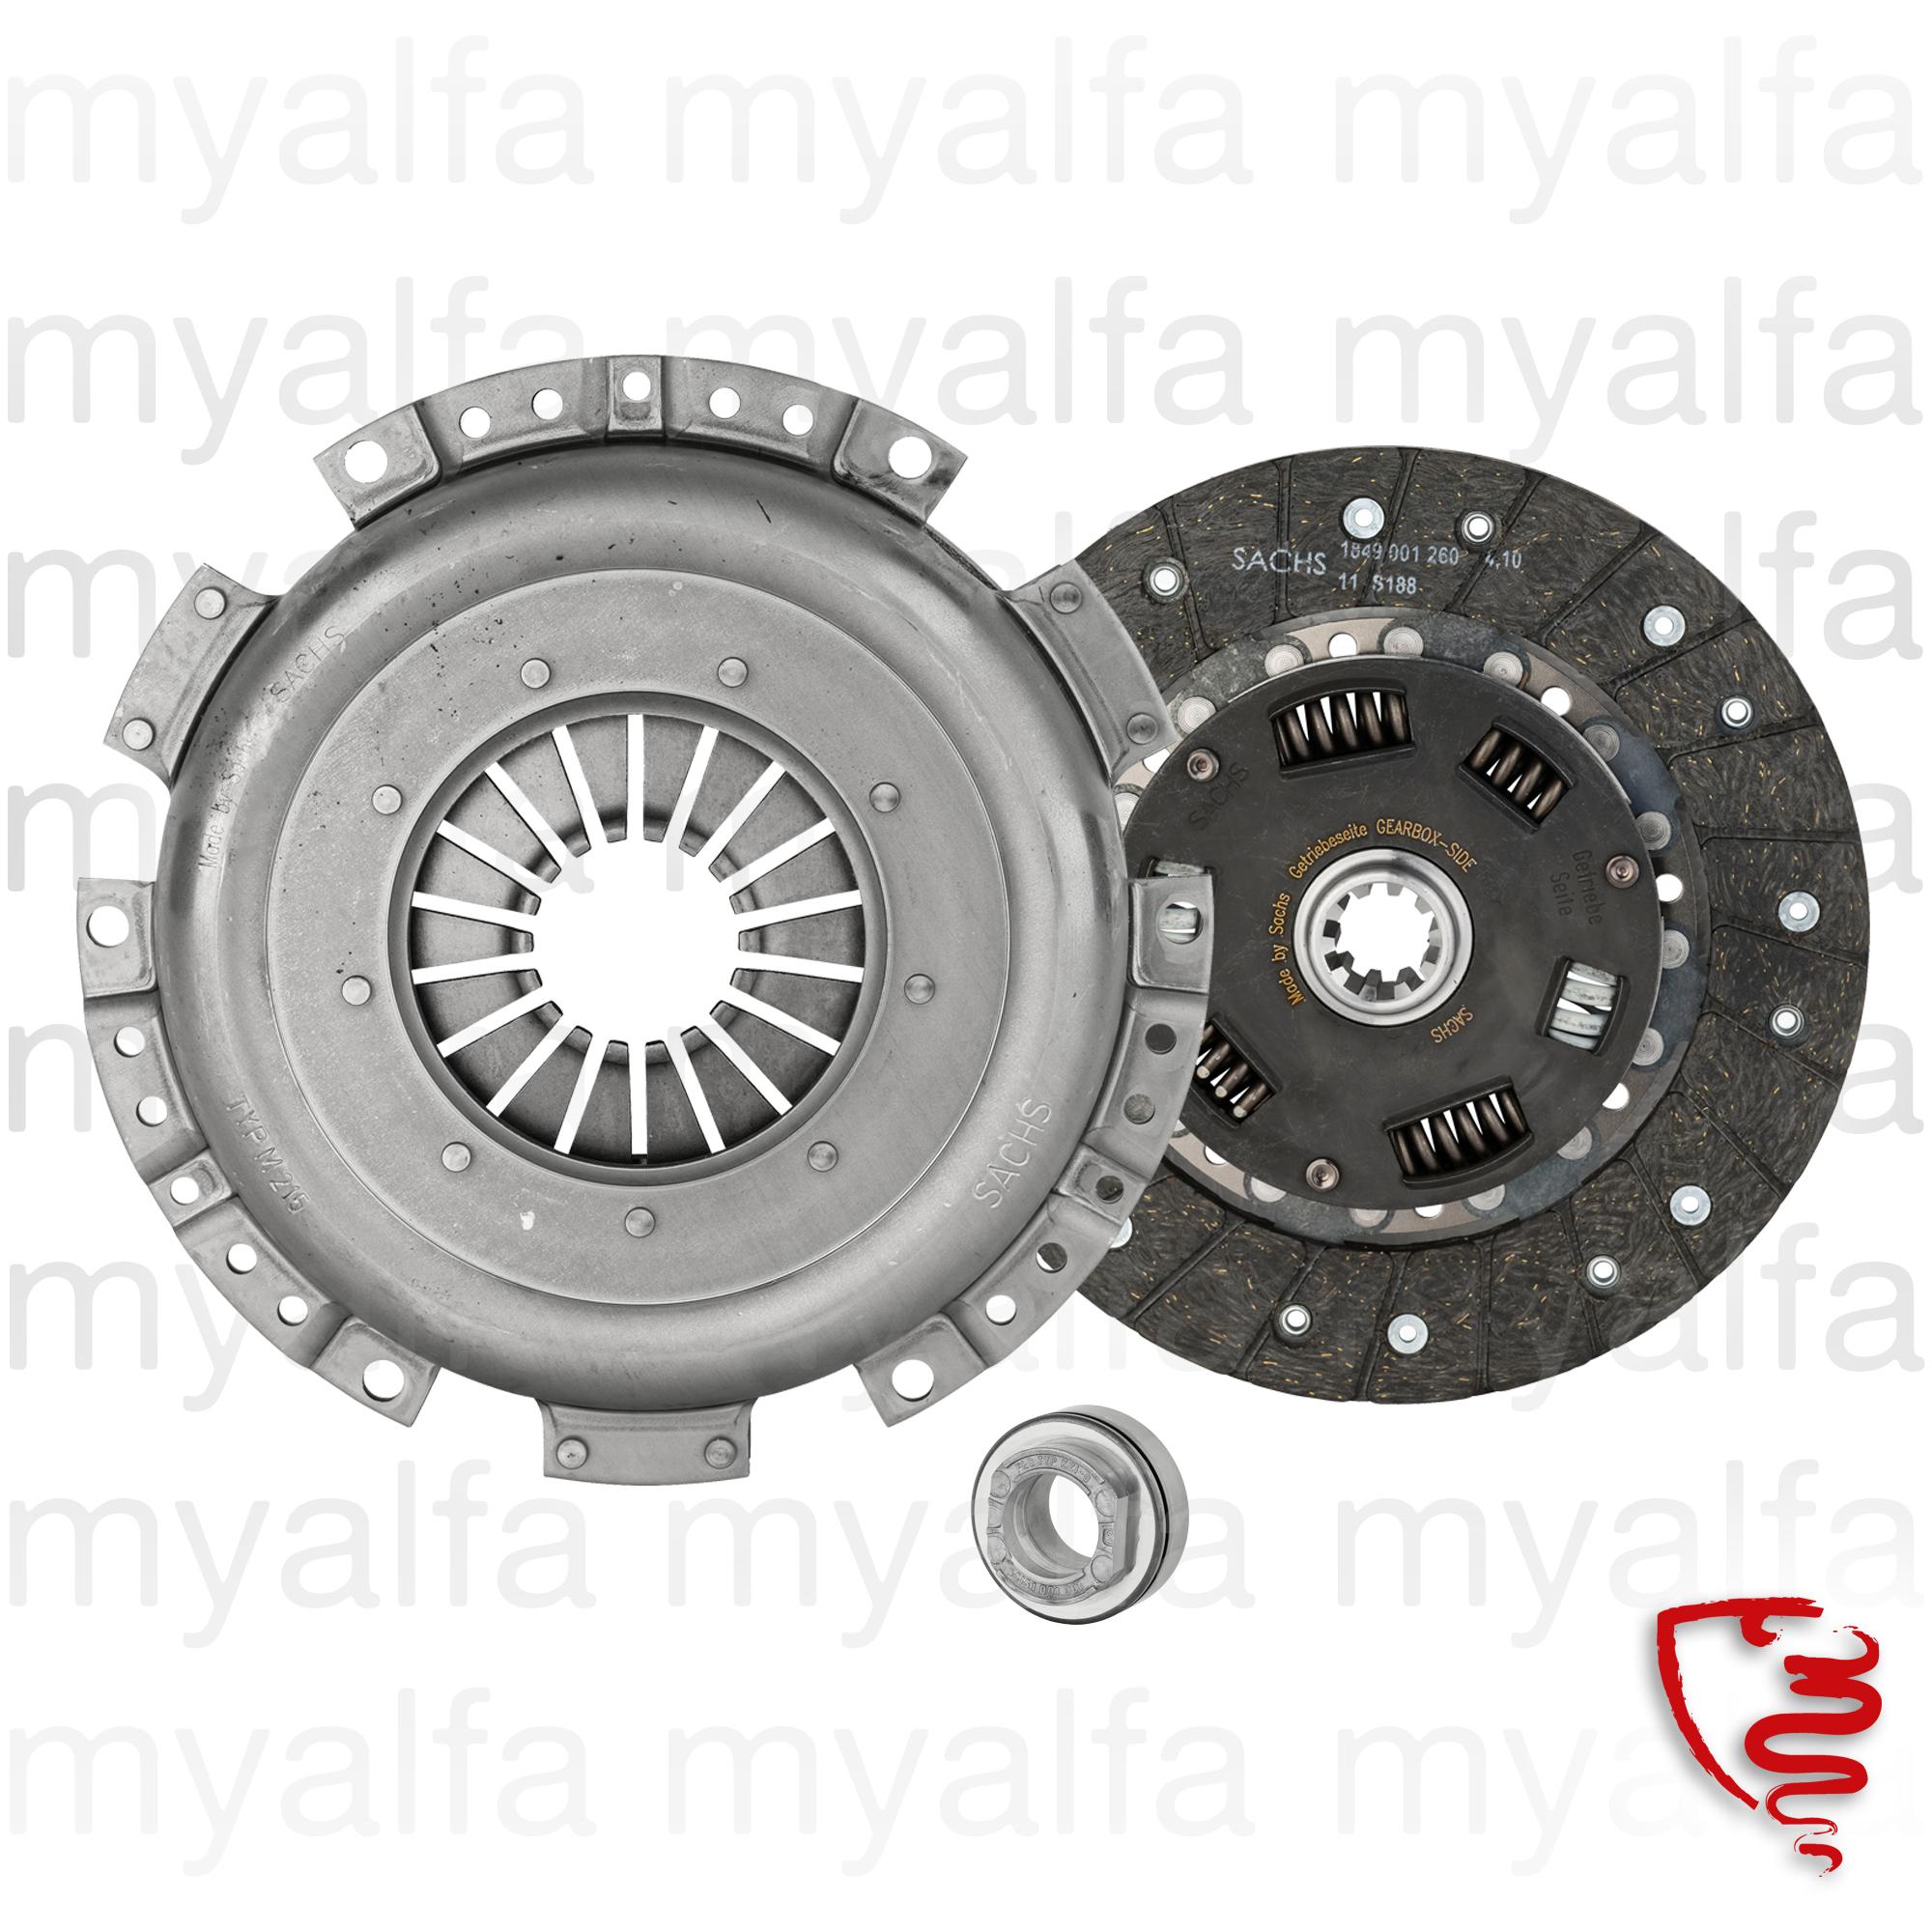 SACHS clutch kit for 116/119, Alfetta GTV6, 162, 75, Clutch, Hydraulic